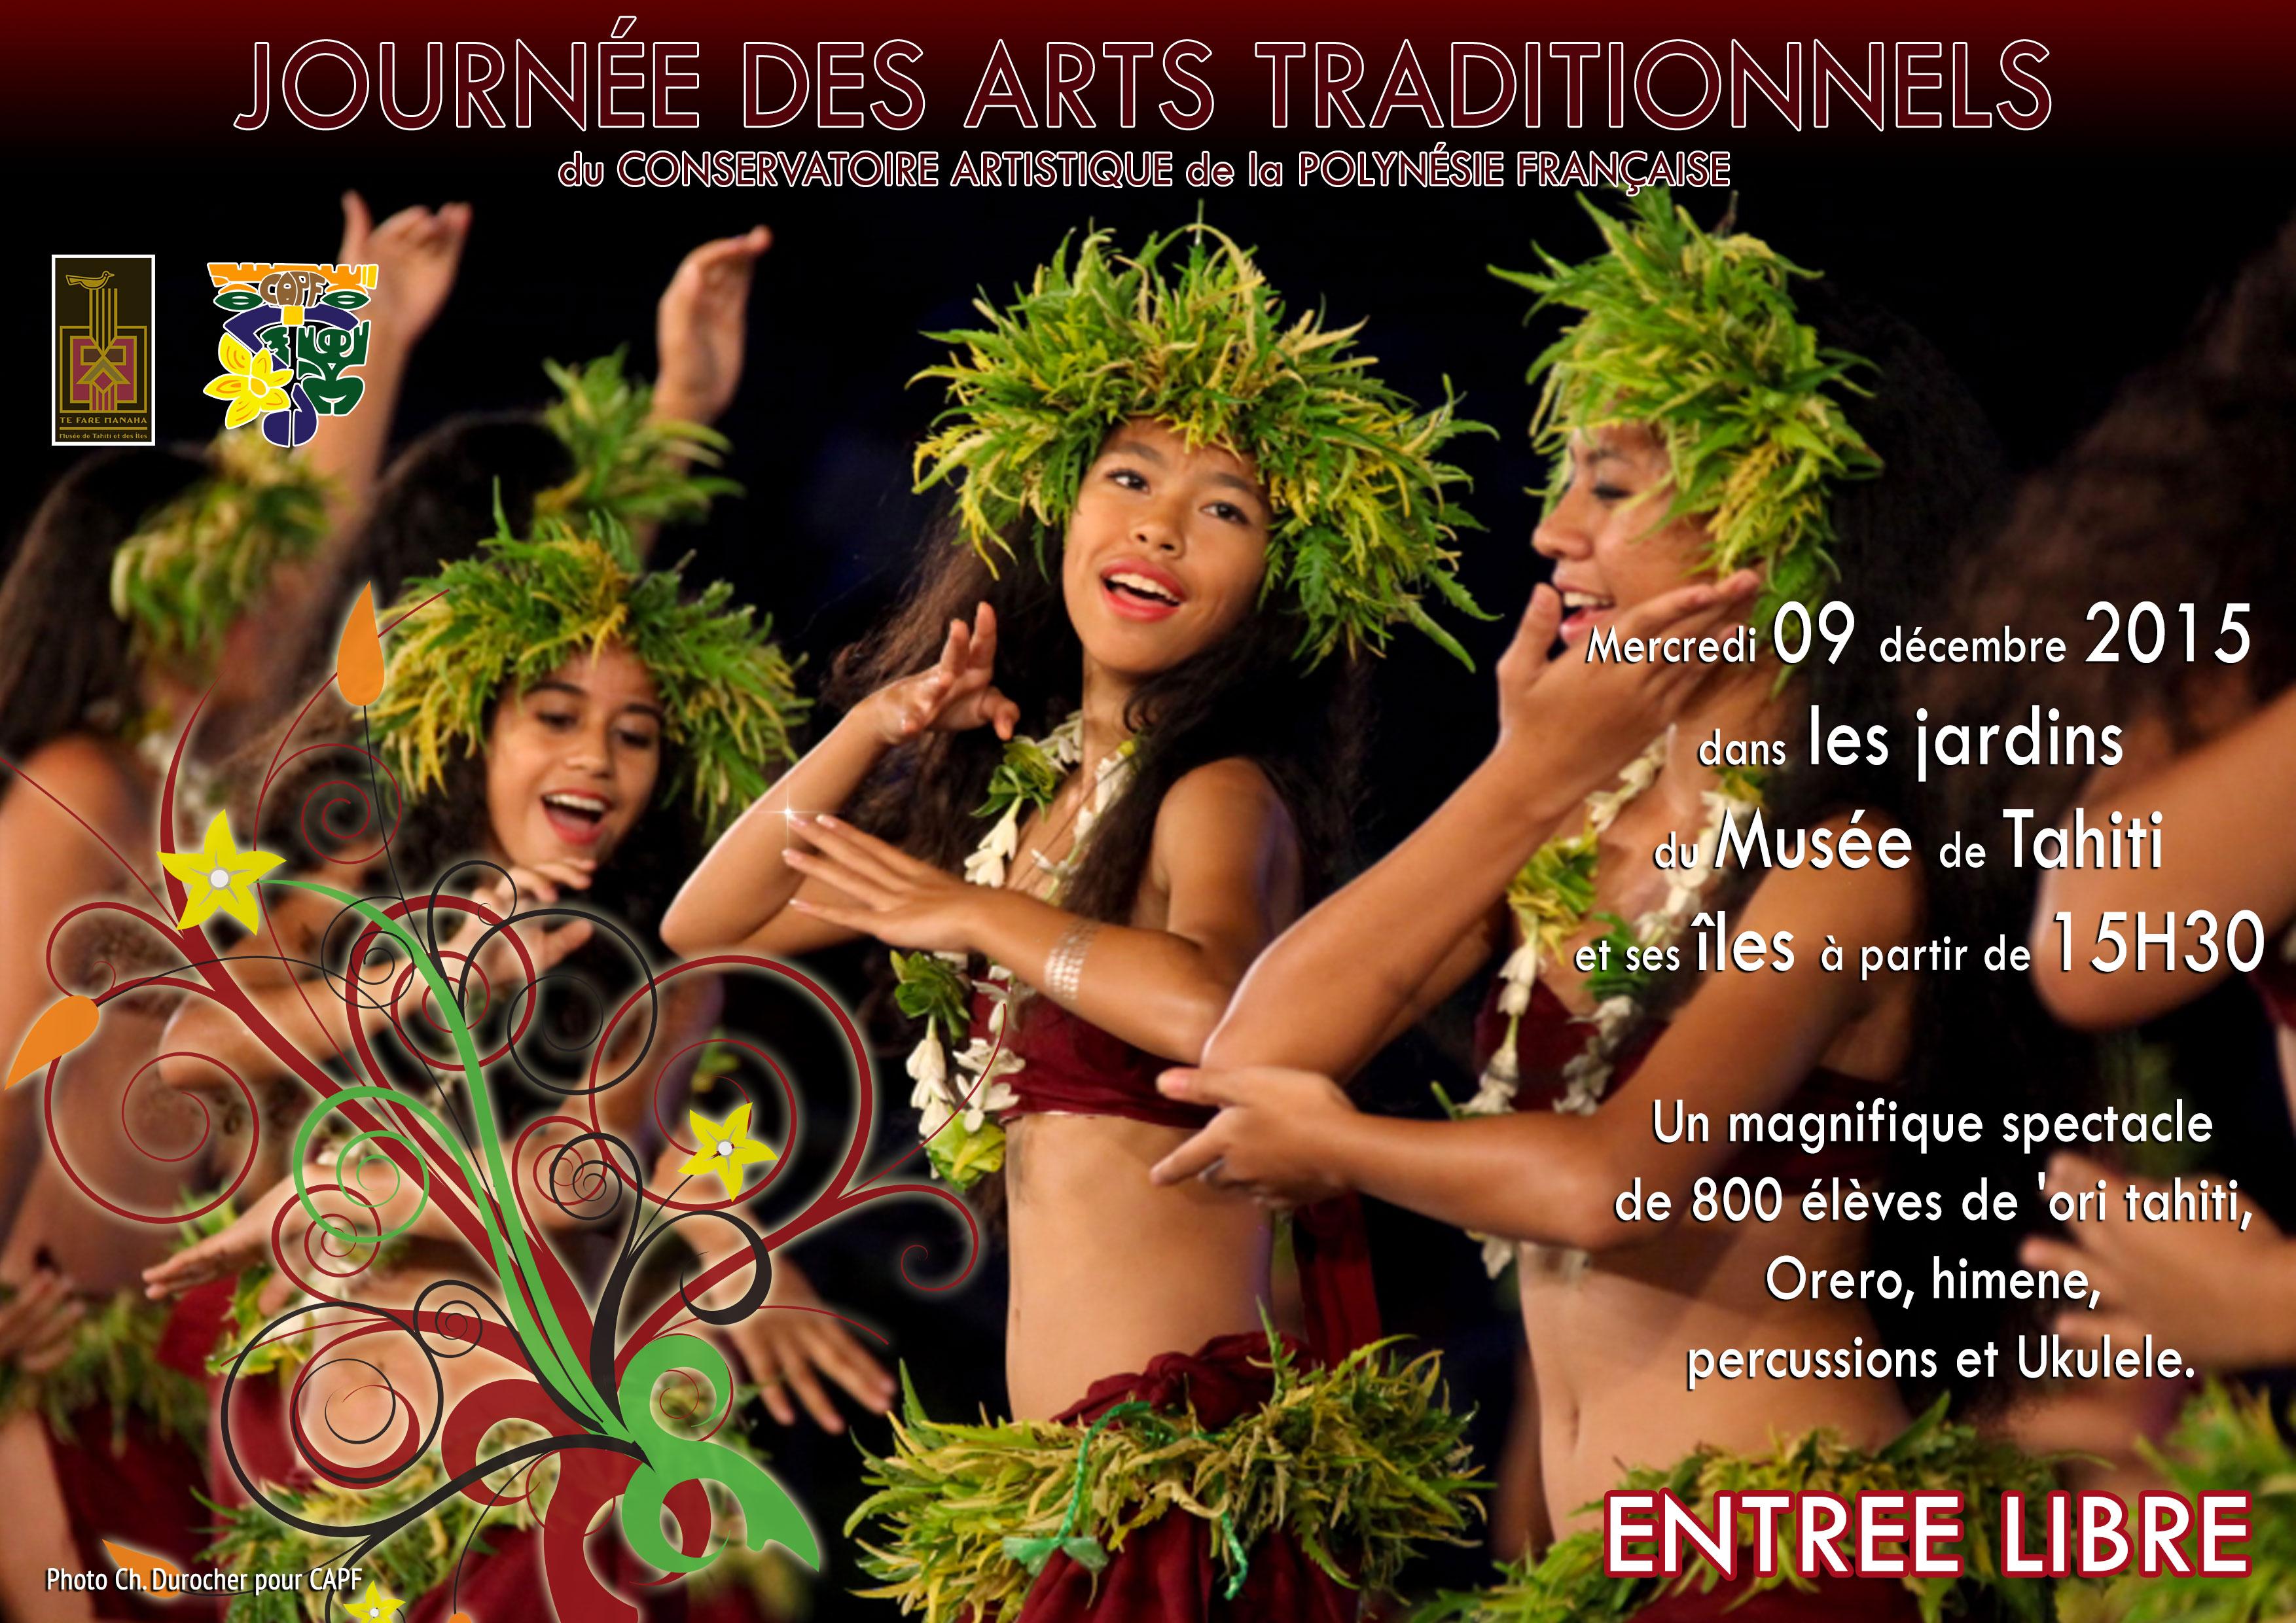 Le gala est un hommage aux différents arts traditionnels enseignés, à la période d'abondance, ainsi qu'à l'histoire du fenua.